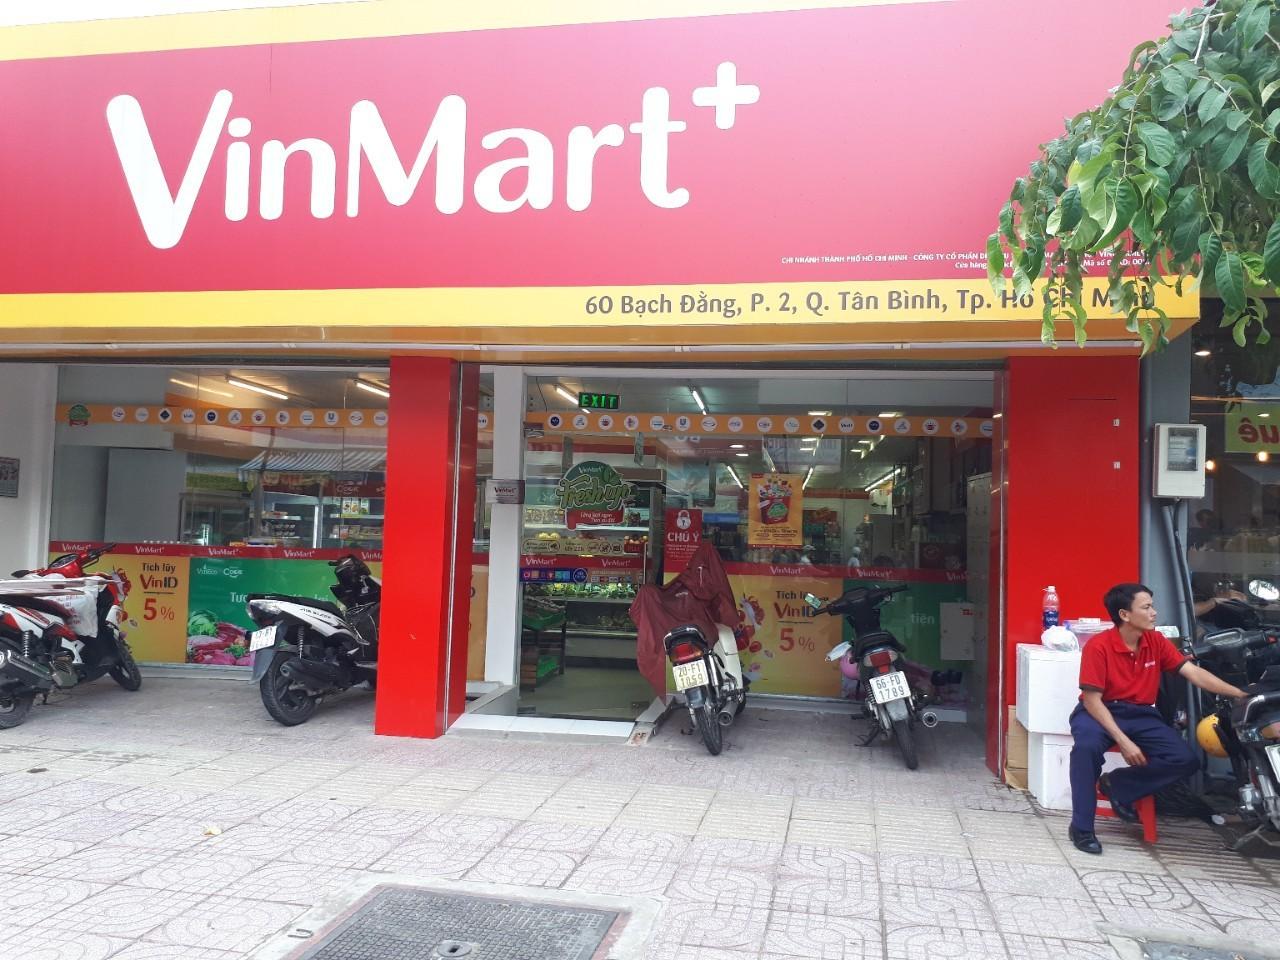 Dồn dập thương vụ thâu tóm, Vingroup sẽ thống lĩnh thị trường bán lẻ Việt thế nào? - Ảnh 2.